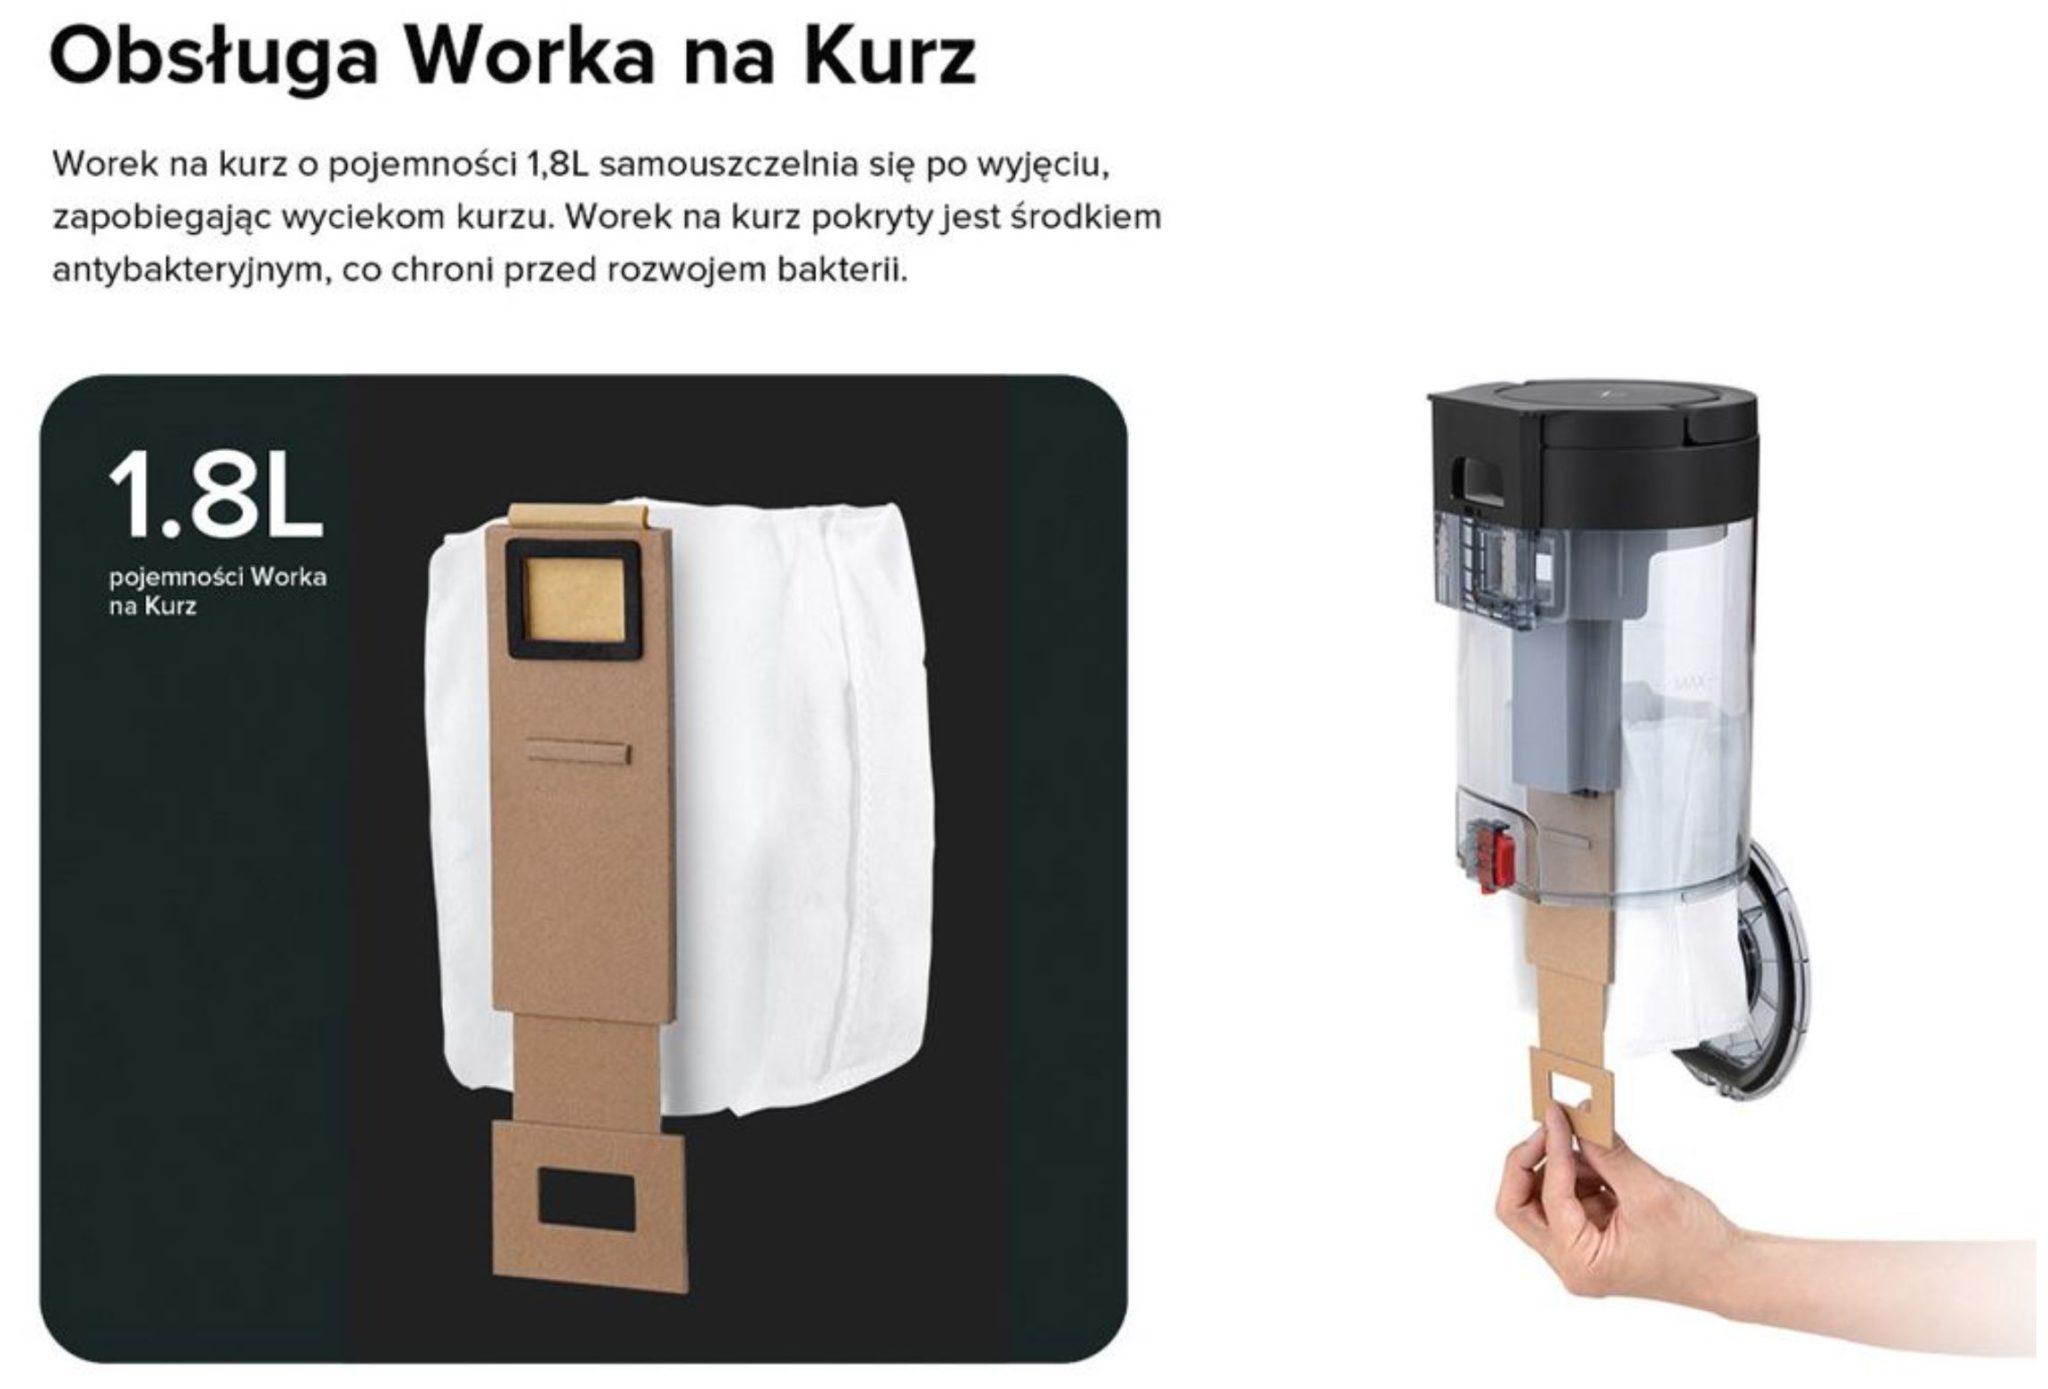 Stacja do automatycznego opróżniania pojemnika na kurz Roborock S7 - antybakteryjny worek na kurz